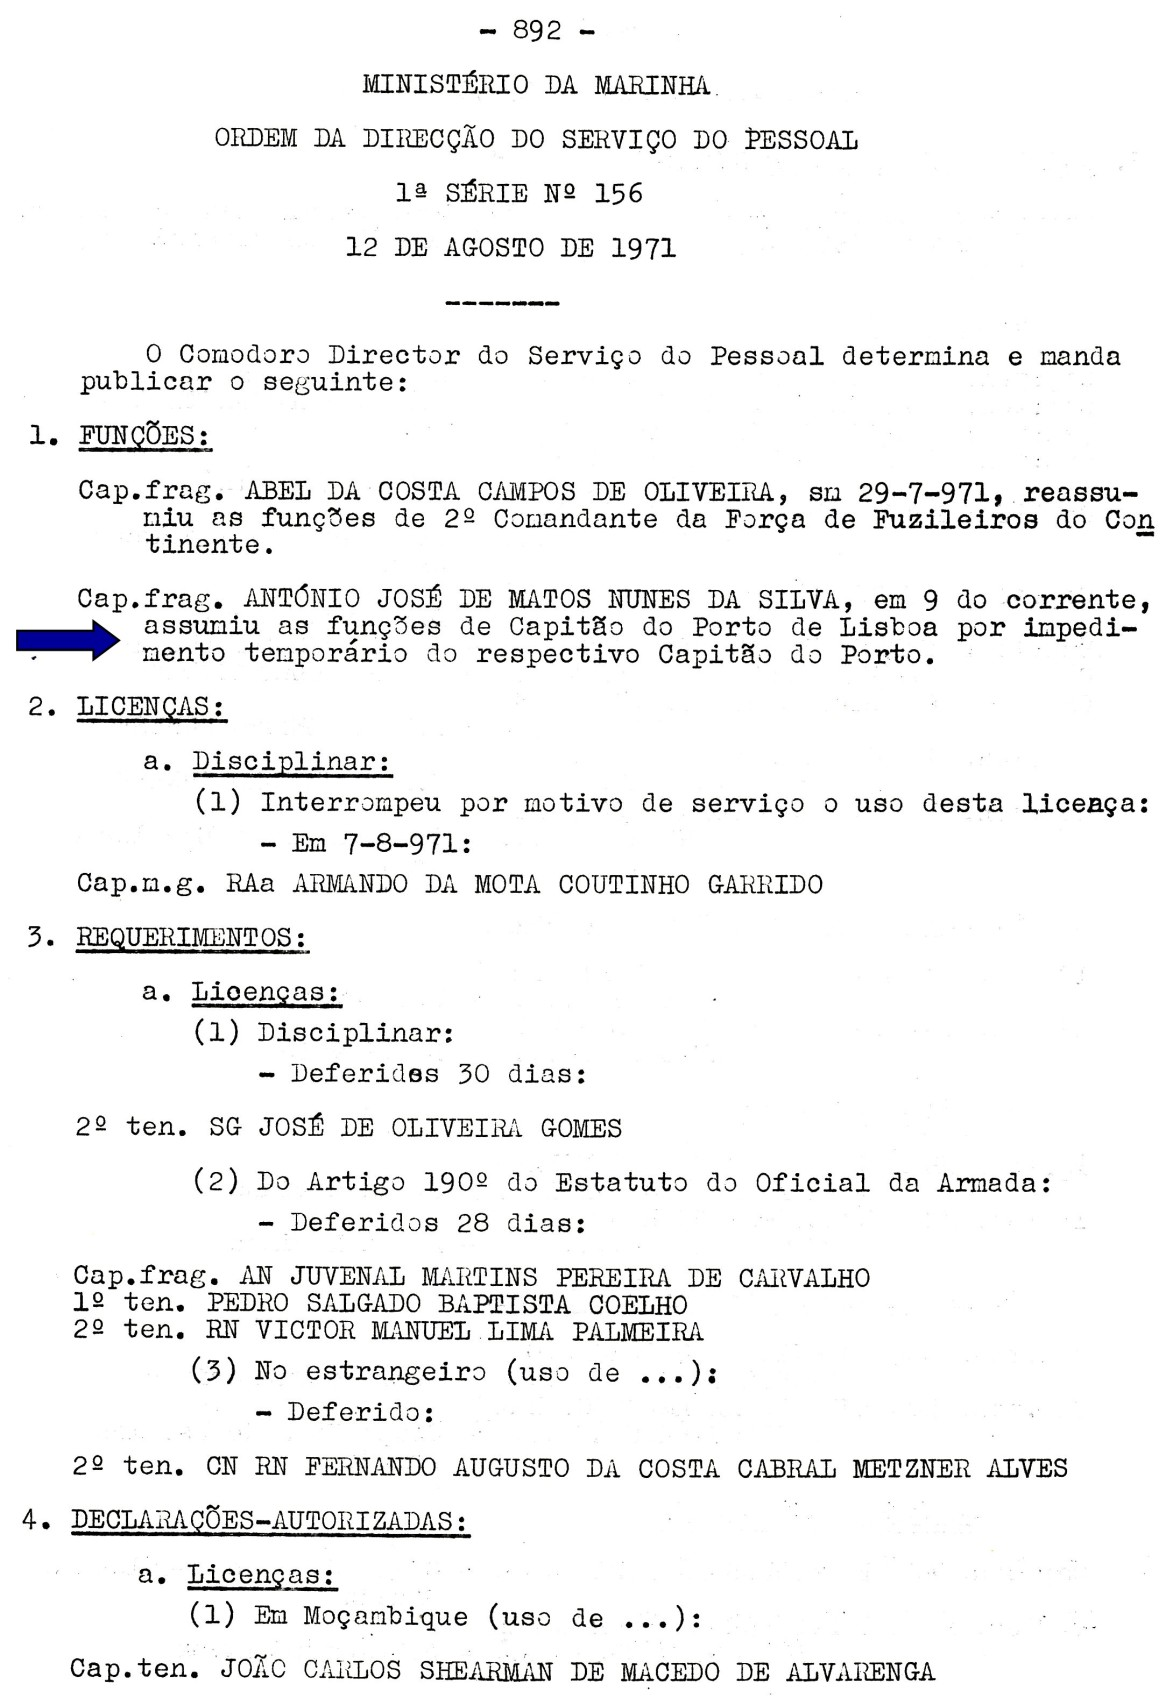 00576 971-08-09 assumi funções de Capitão do Porto de Lisboa no impedimento temporário do Capitão do Porto -ODSP 1ª S 156 de 12-8-71